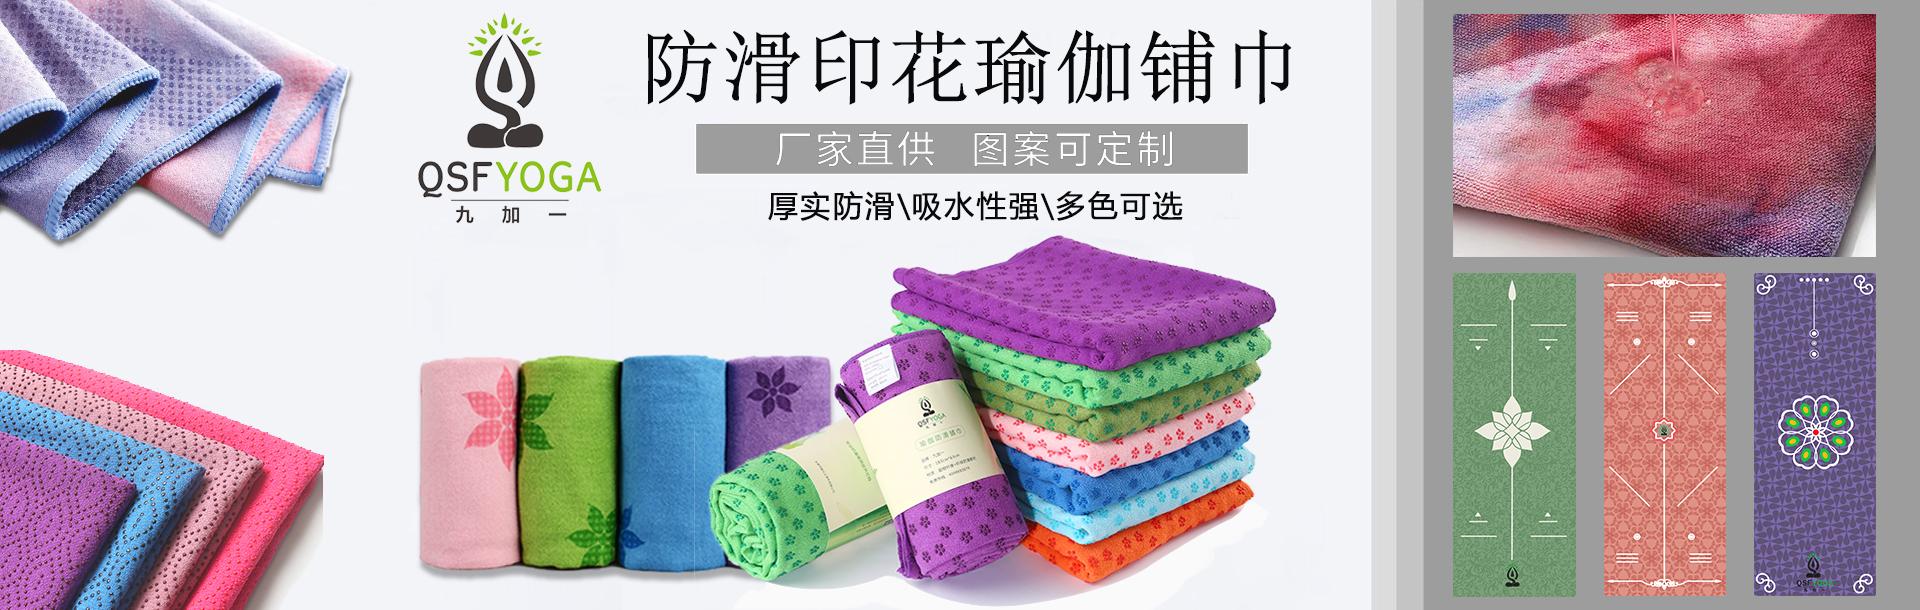 瑜伽铺巾,防滑瑜伽垫,防滑铺巾